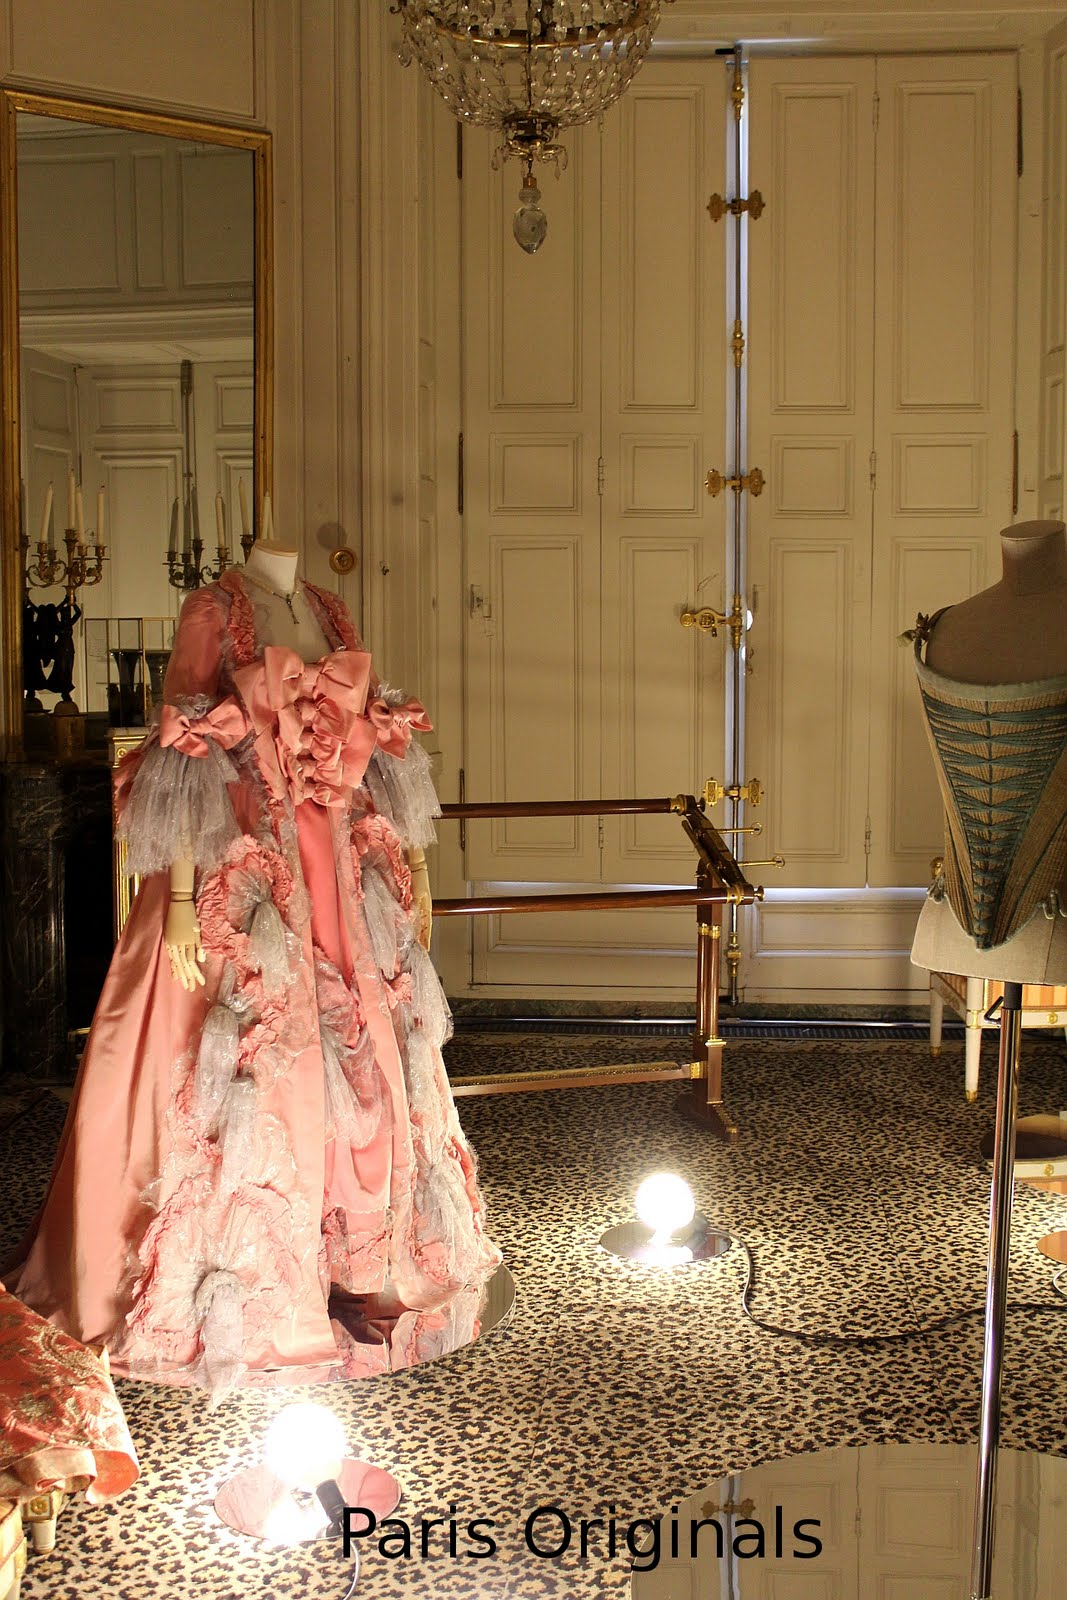 paris originals le xviiie au go t du jour the 18th. Black Bedroom Furniture Sets. Home Design Ideas